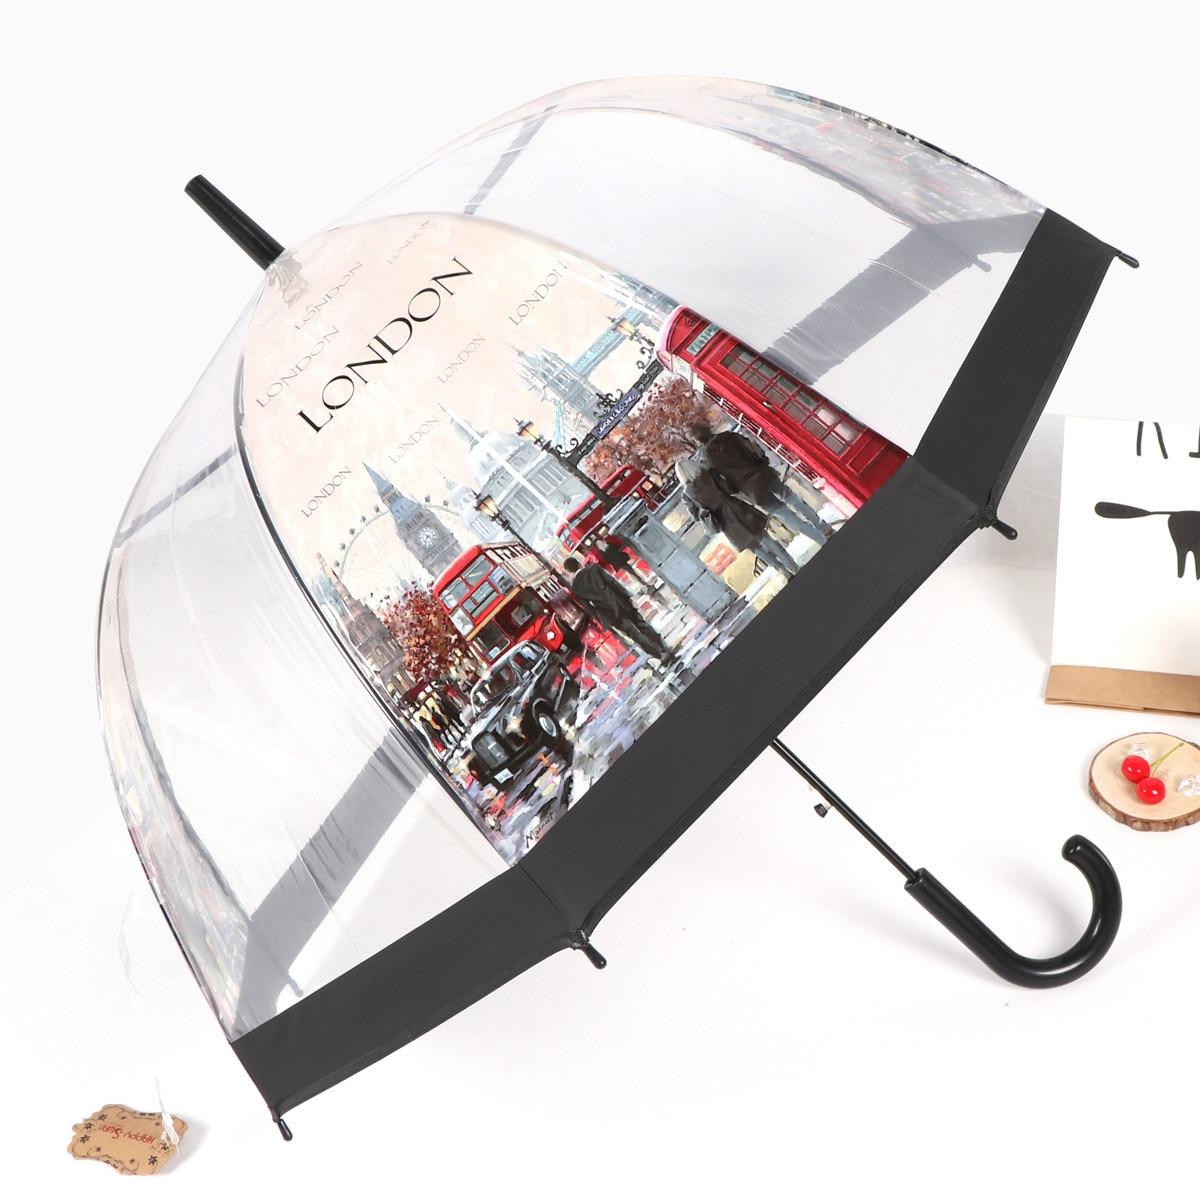 Европейский стиль зонтик для строительства улицы прозрачный зонт экологически чистый утолщенный Зонт с птицей Аполлон